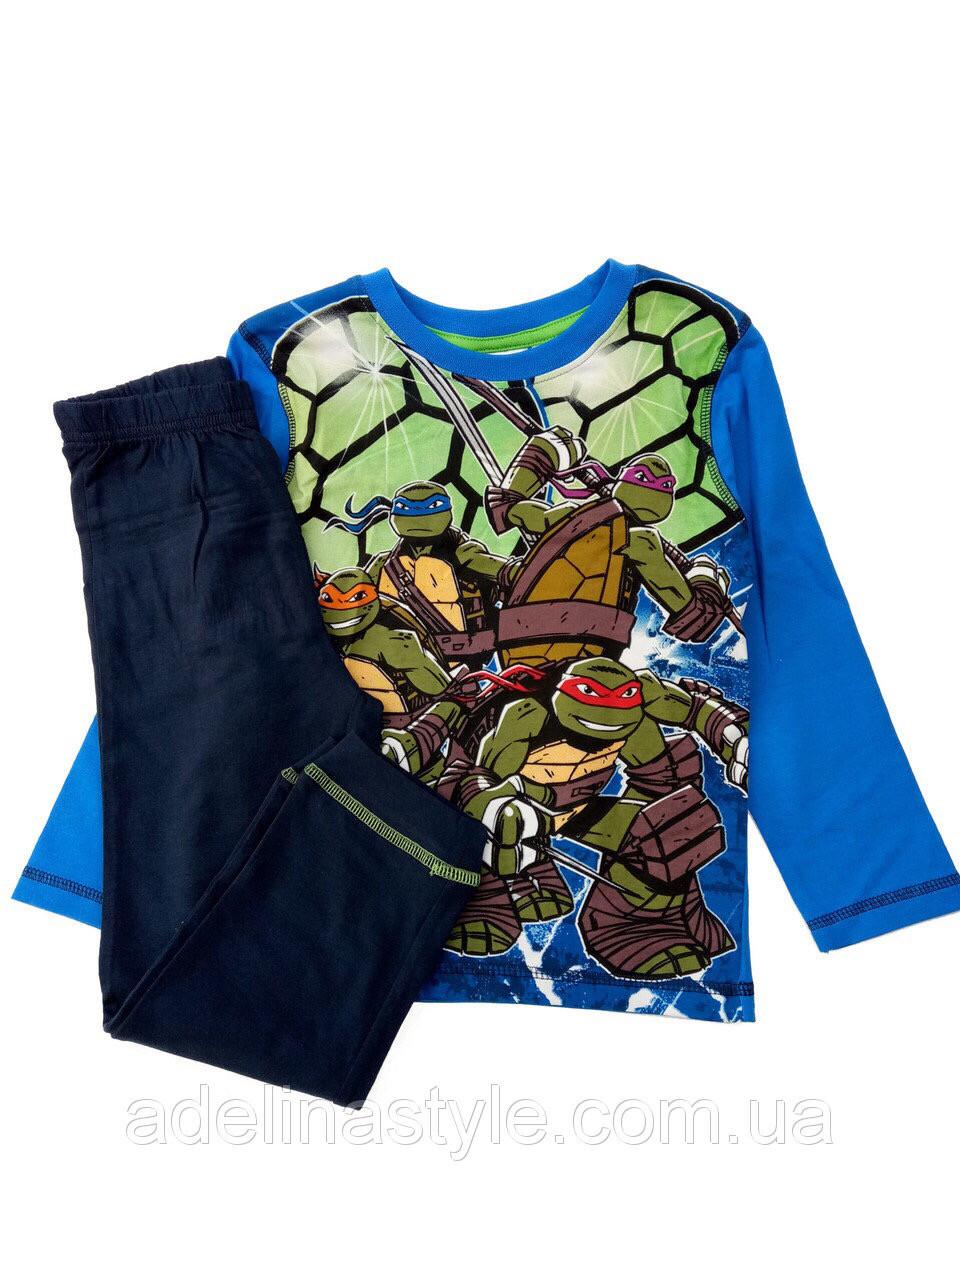 Пижама детская для мальчика Черепашки- ниндзя 4 года